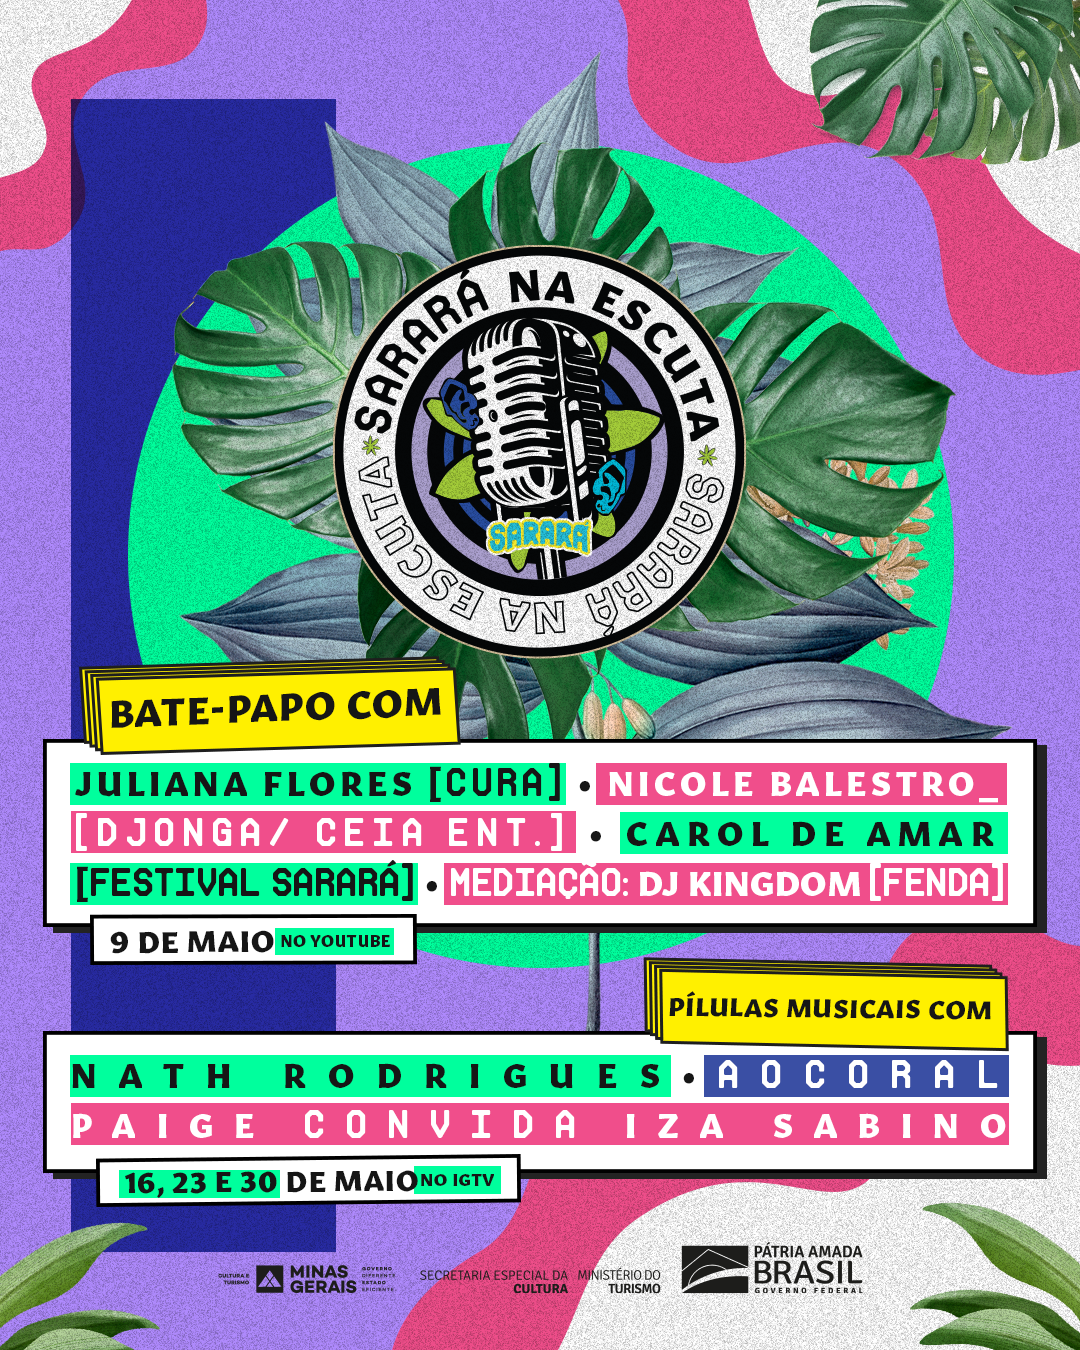 Festival Sarará provome drops de shows com Nath Rodrigues, Ao Coral, Paige e Iza Sabino na websérie Sarará na Escuta - Foto: Divulgação